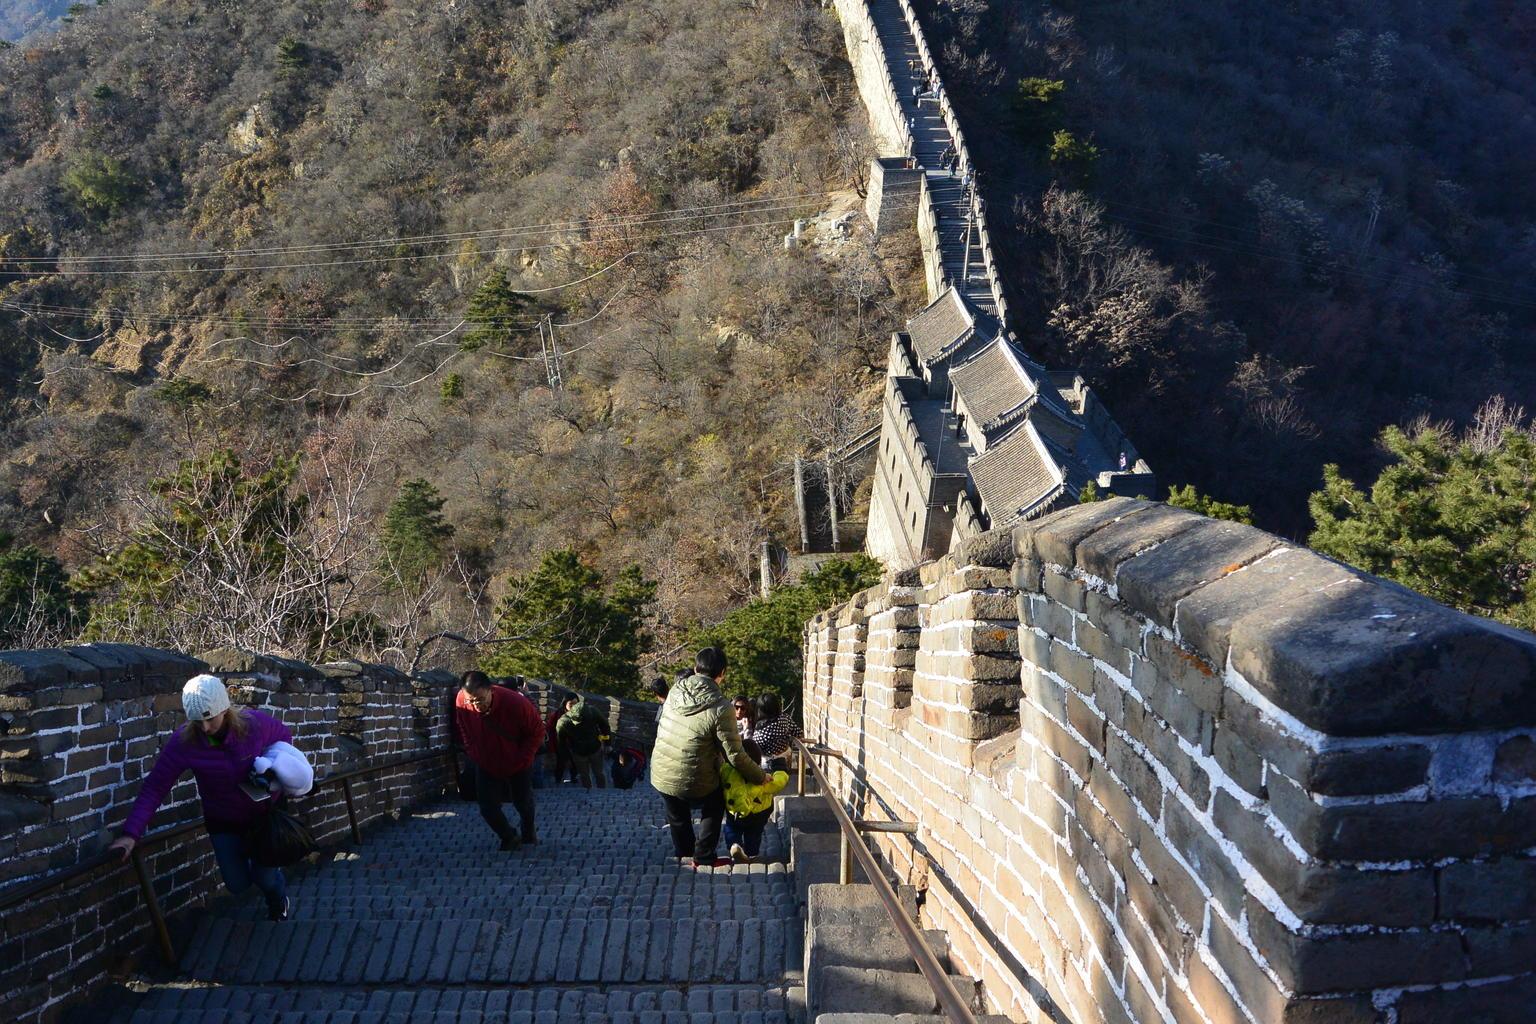 MÁS FOTOS, Grupos pequeños: recorrido por la Ciudad Prohibida de Pekín con senderismo por la Gran Muralla en Mutianyu